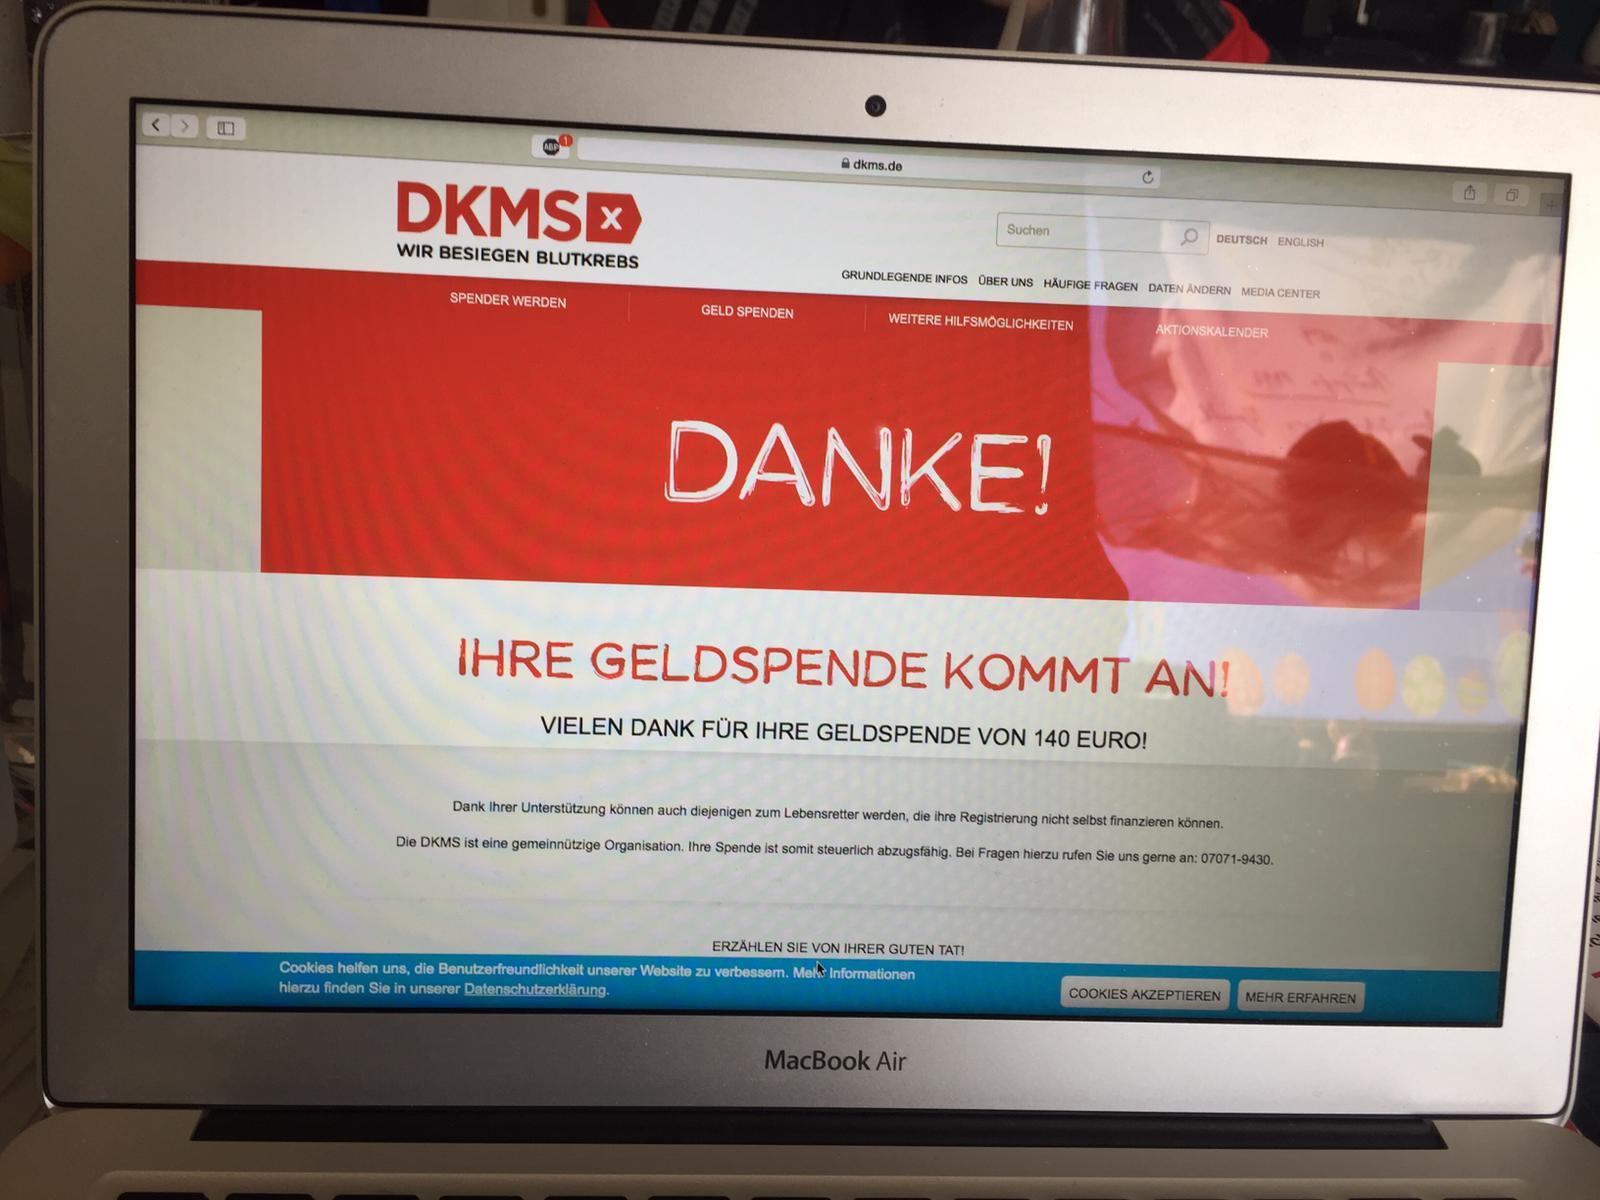 DKMS Spende in Höhe 140 EUR erfolgte im März 2020